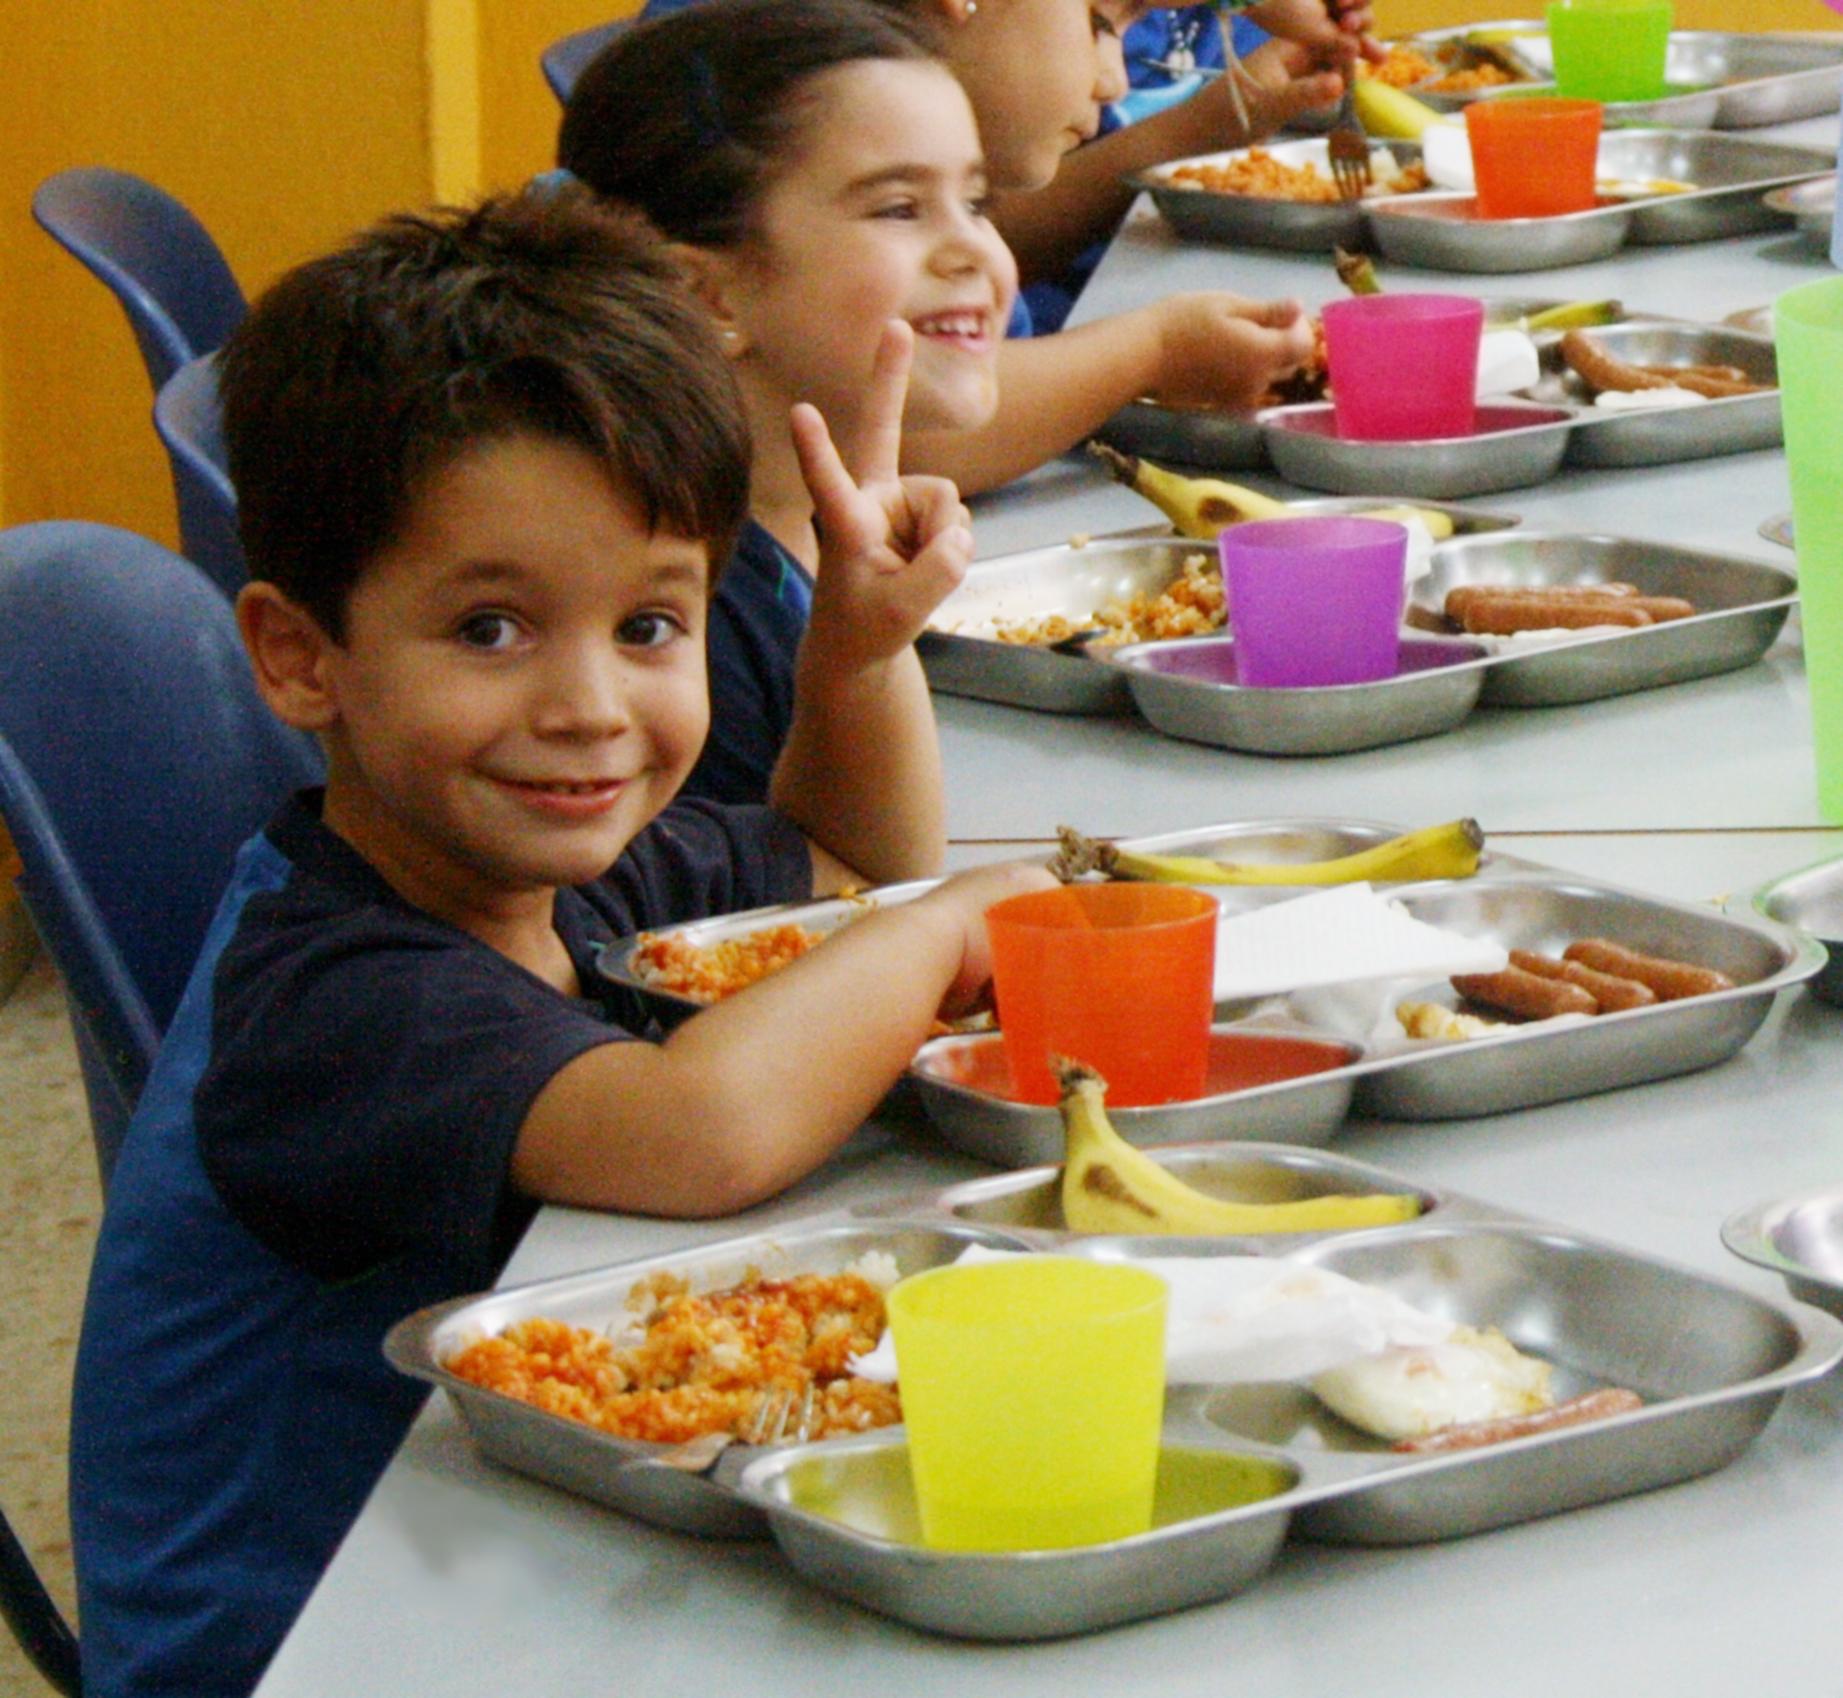 Colegio comedor - Educación